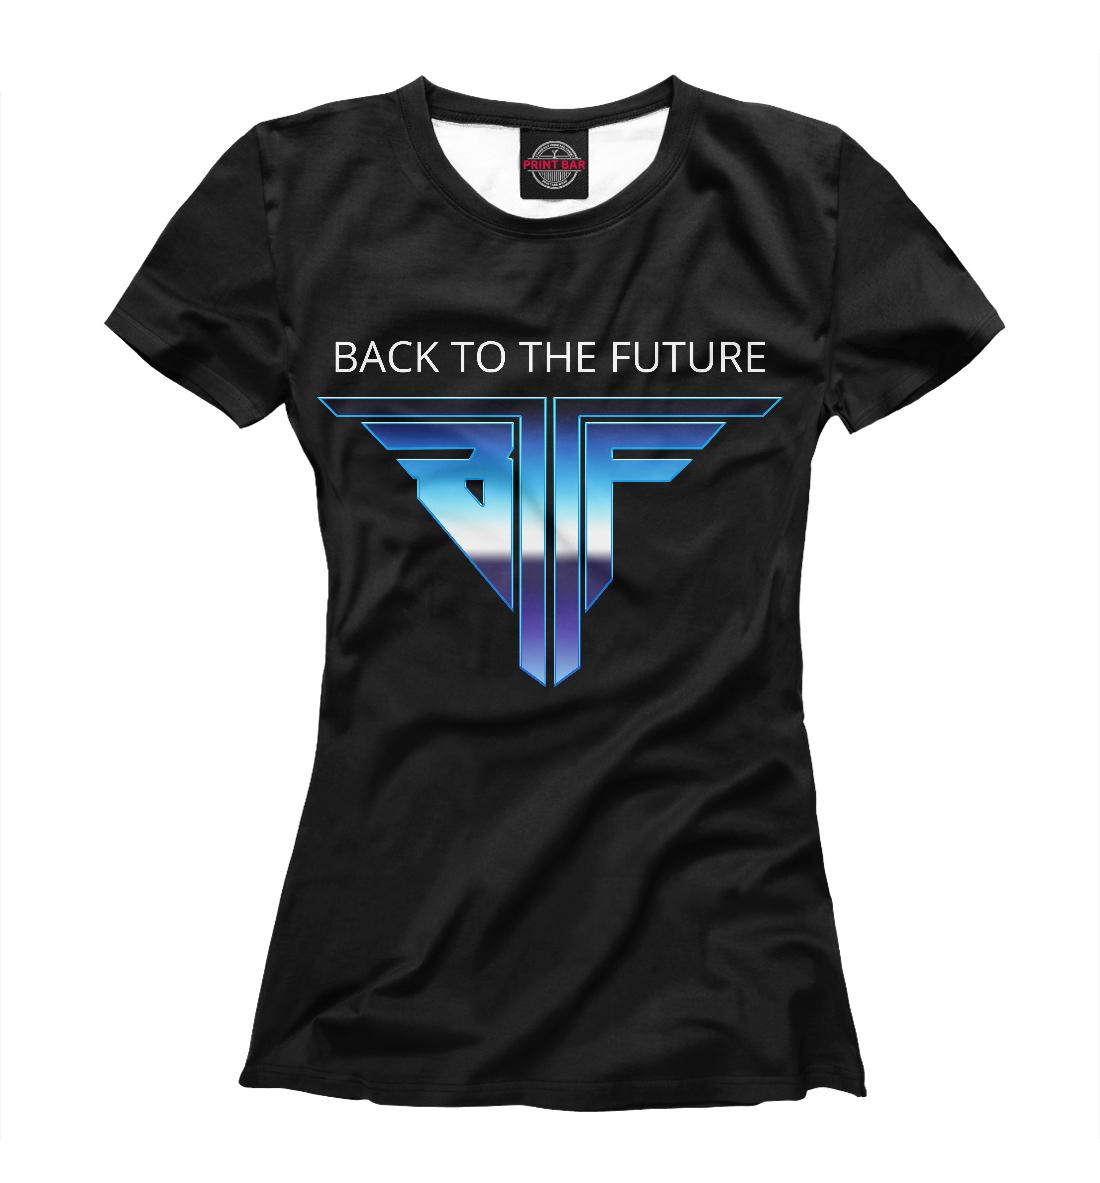 Купить Назад в будущее, Printbar, Футболки, KNO-785881-fut-1